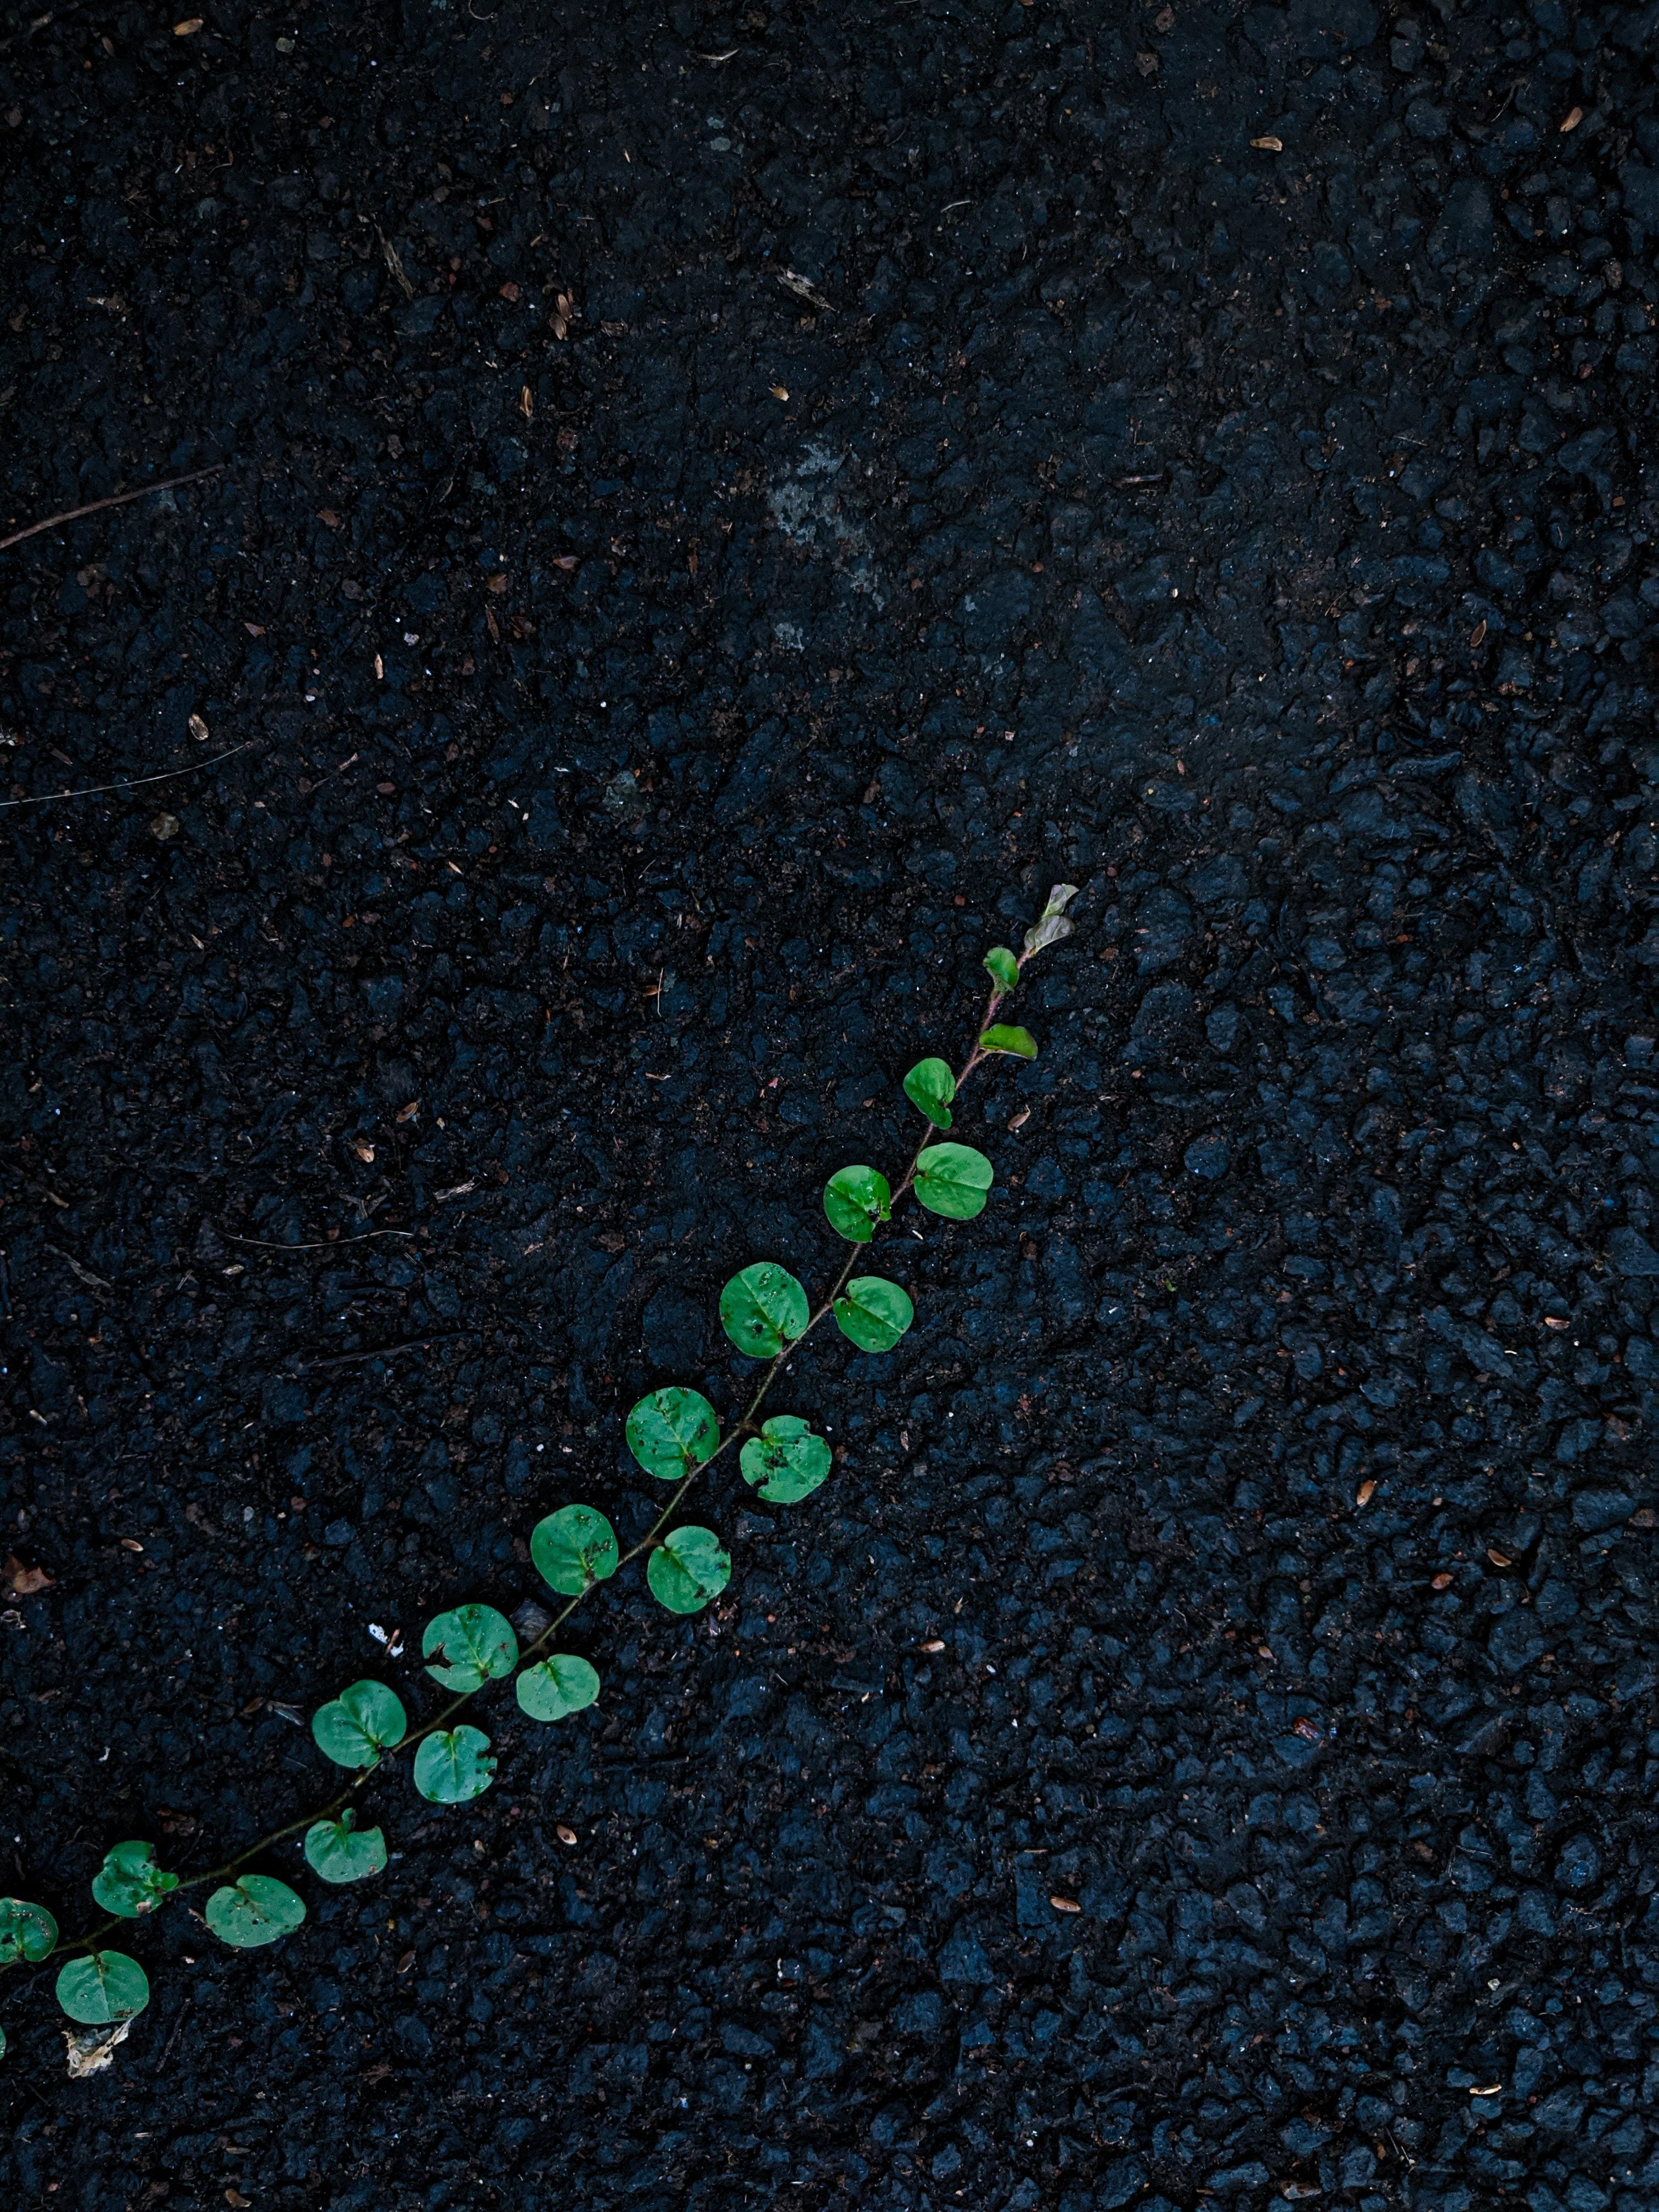 137680 Protetores de tela e papéis de parede Miscelânea em seu telefone. Baixe Miscelânea, Plantar, Planta, Variado, Asfalto, Covil, Loach, Hera fotos gratuitamente